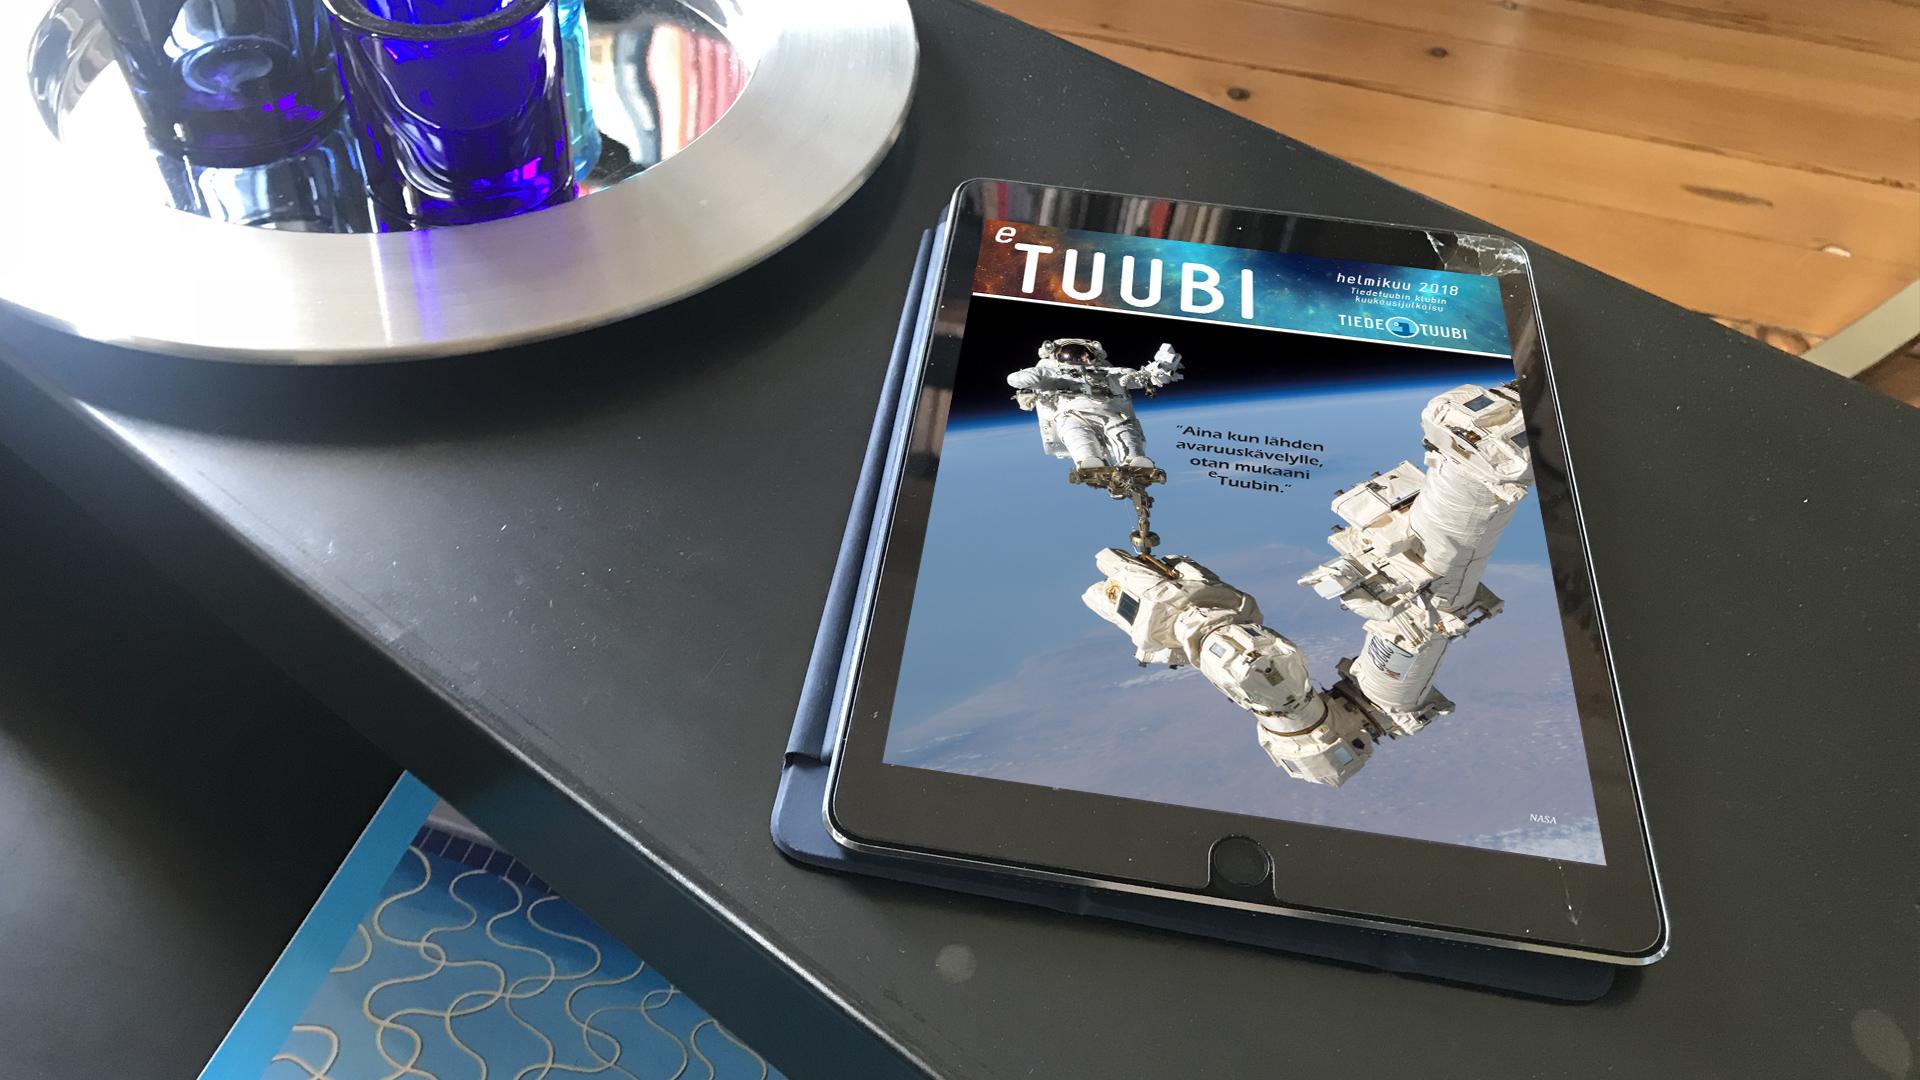 eTuubi iPadissa